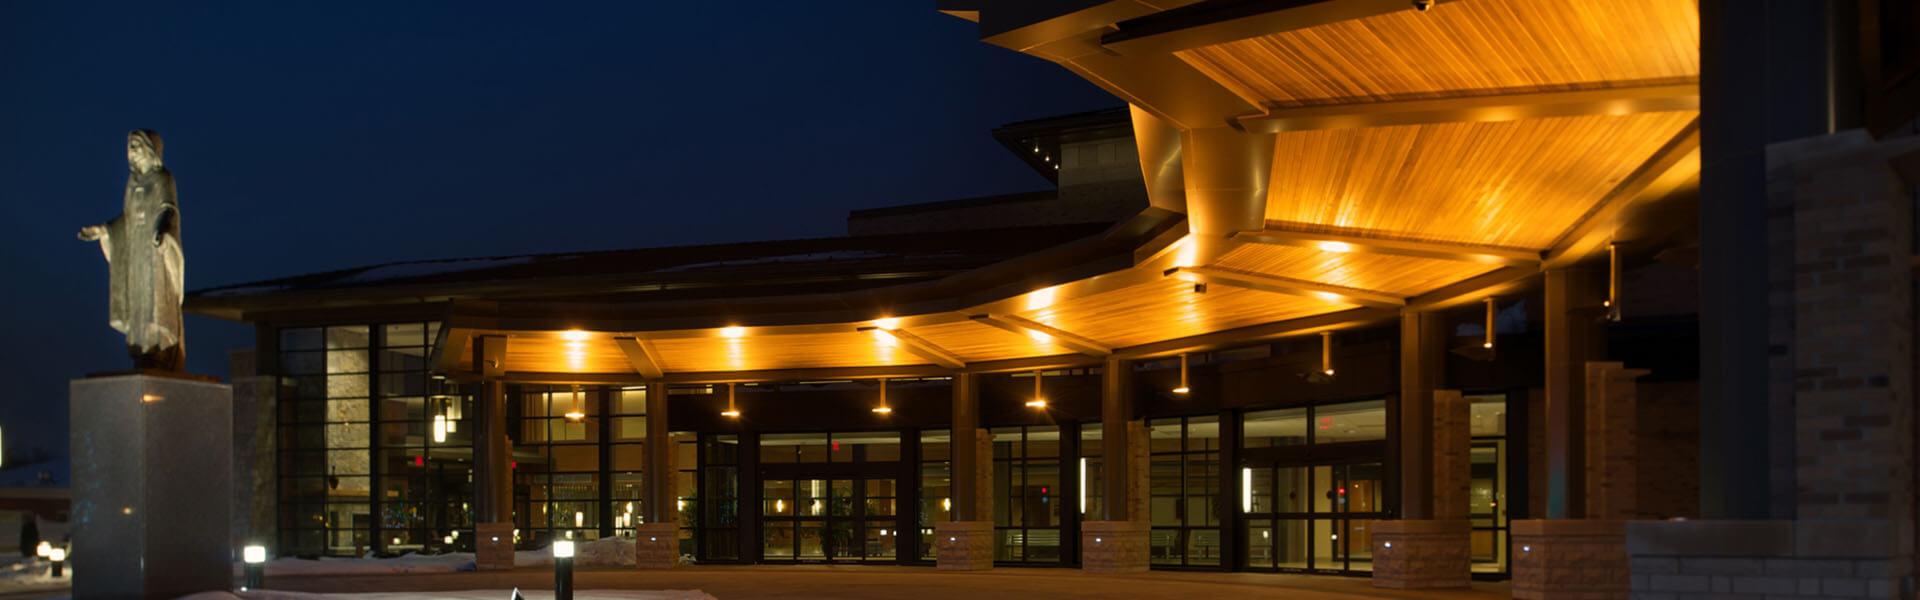 immel-banner_St Mary's Hospital Medical Center